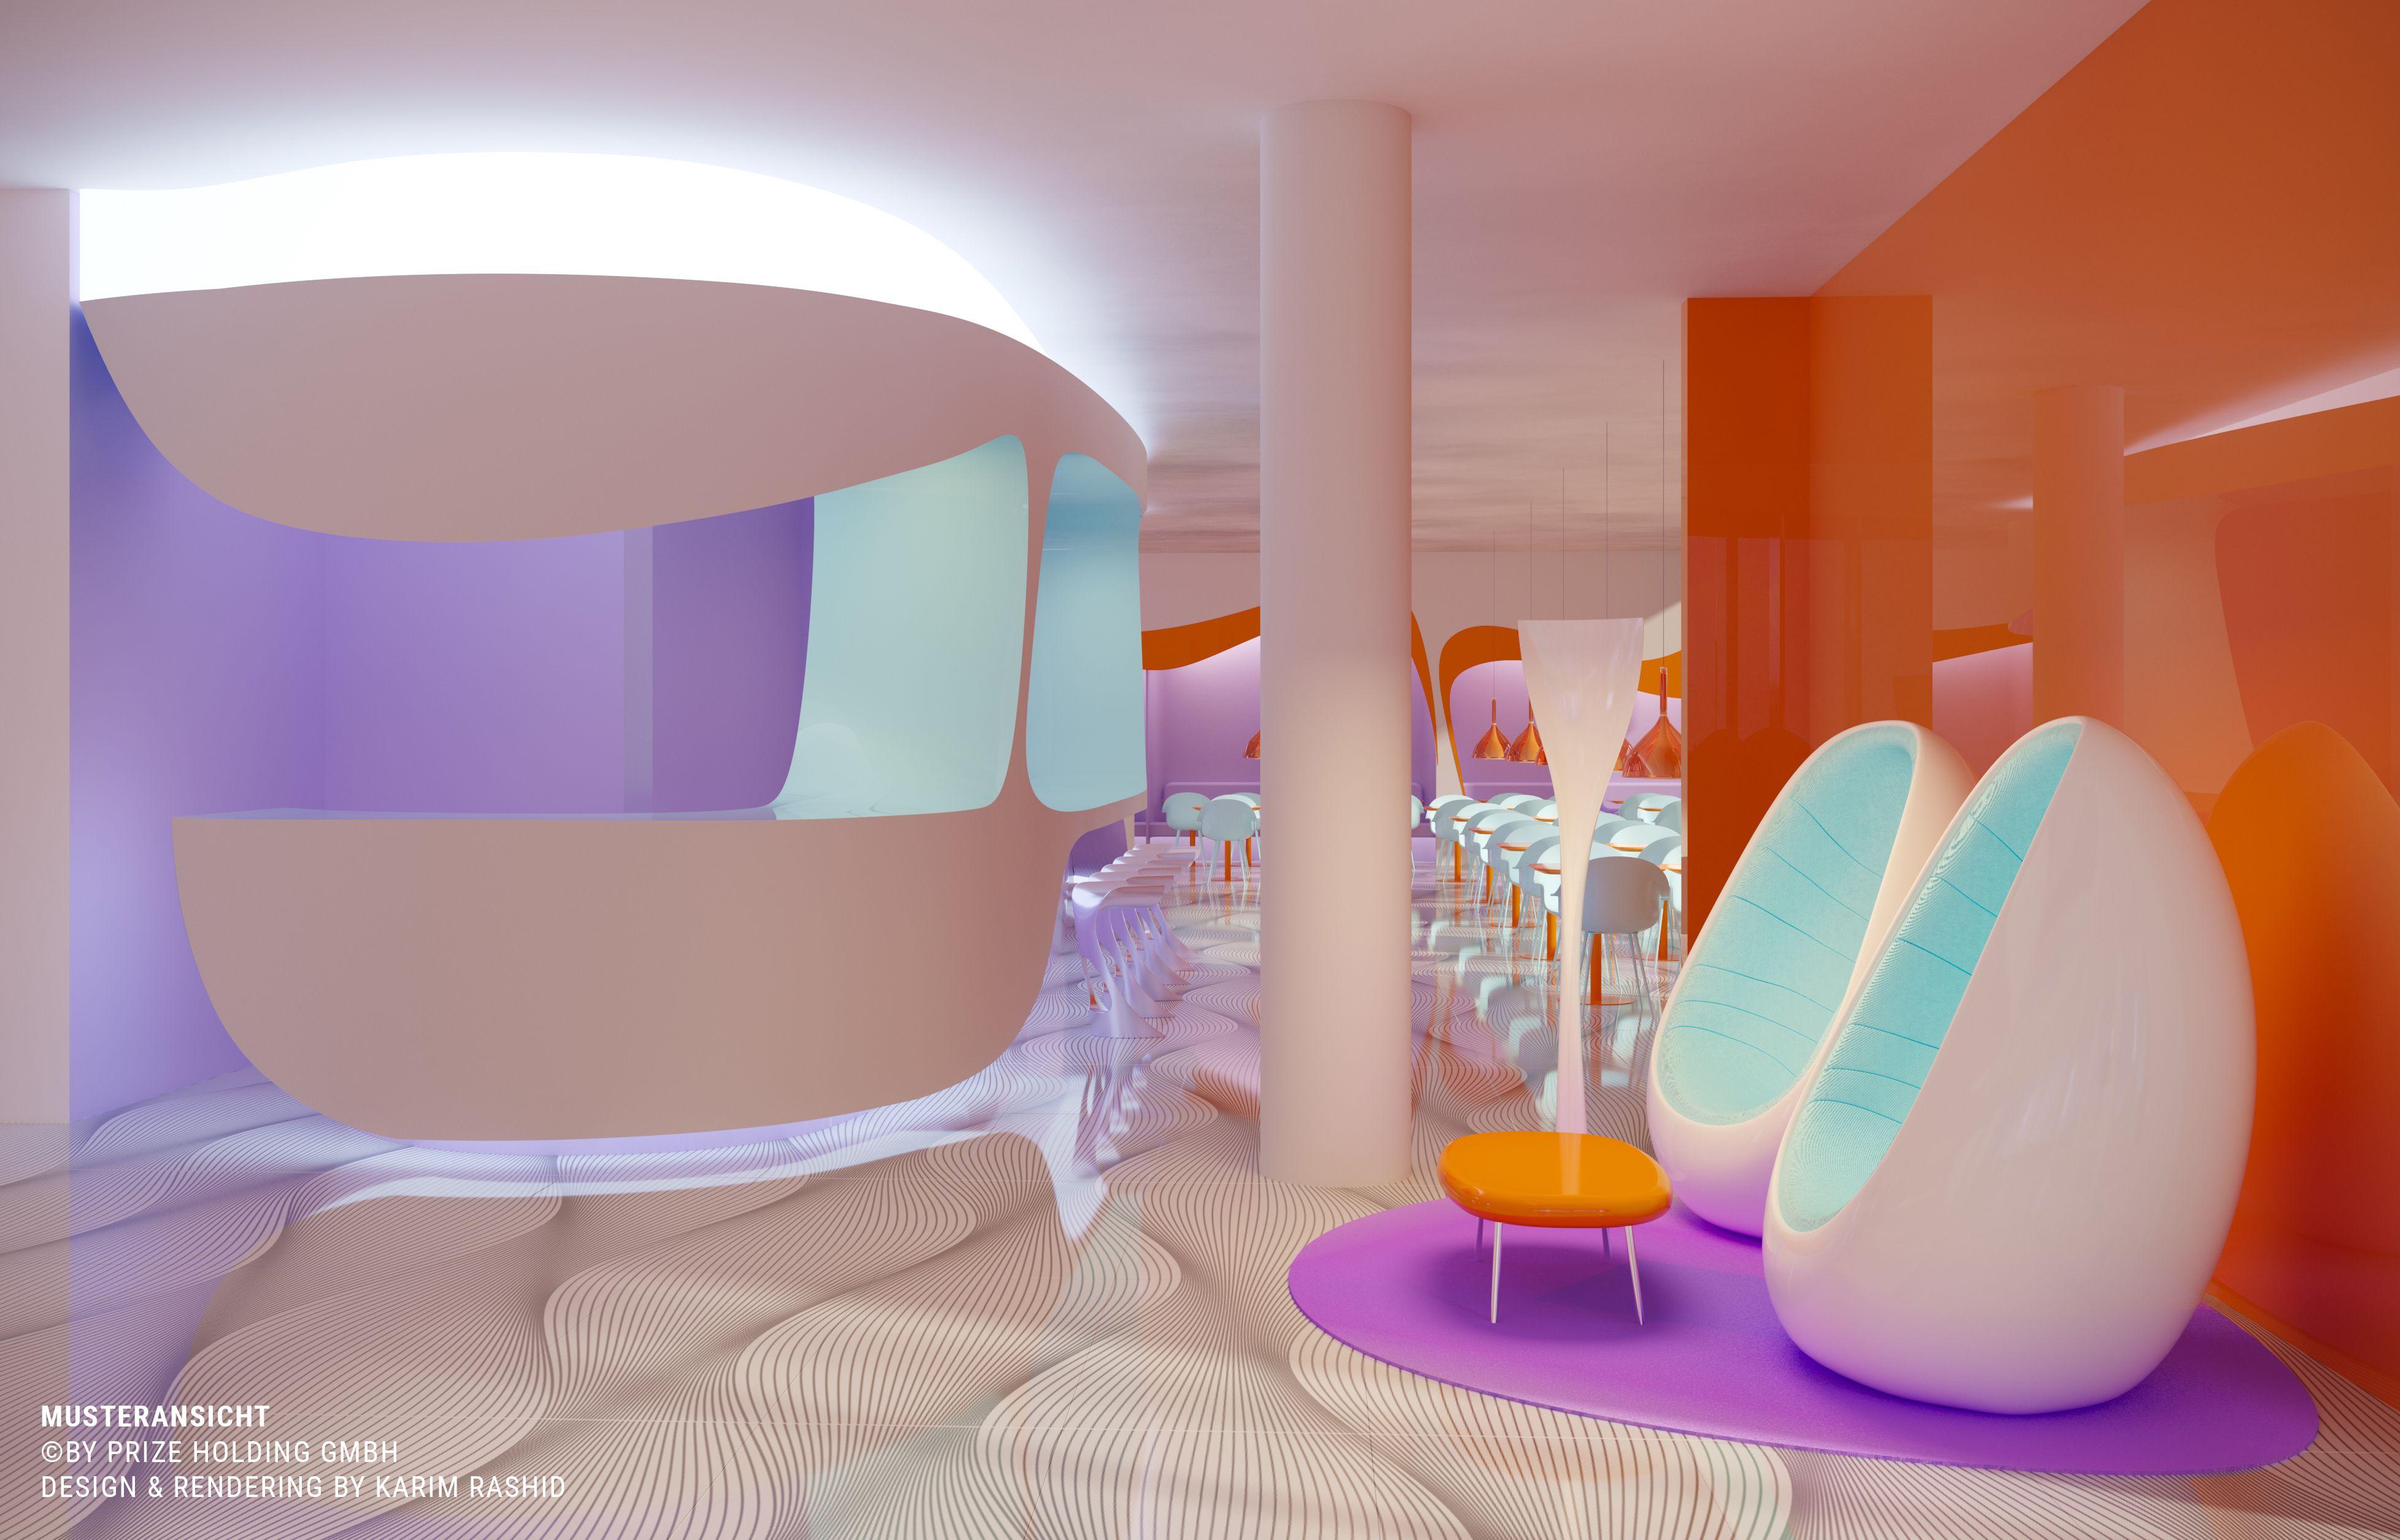 Prizeotel Ab 2020 Auch In Rostock Zu Hause Design Hotelgruppe Unterzeichnet Hotel In Hafenlage Haus Design Design Hotel Design